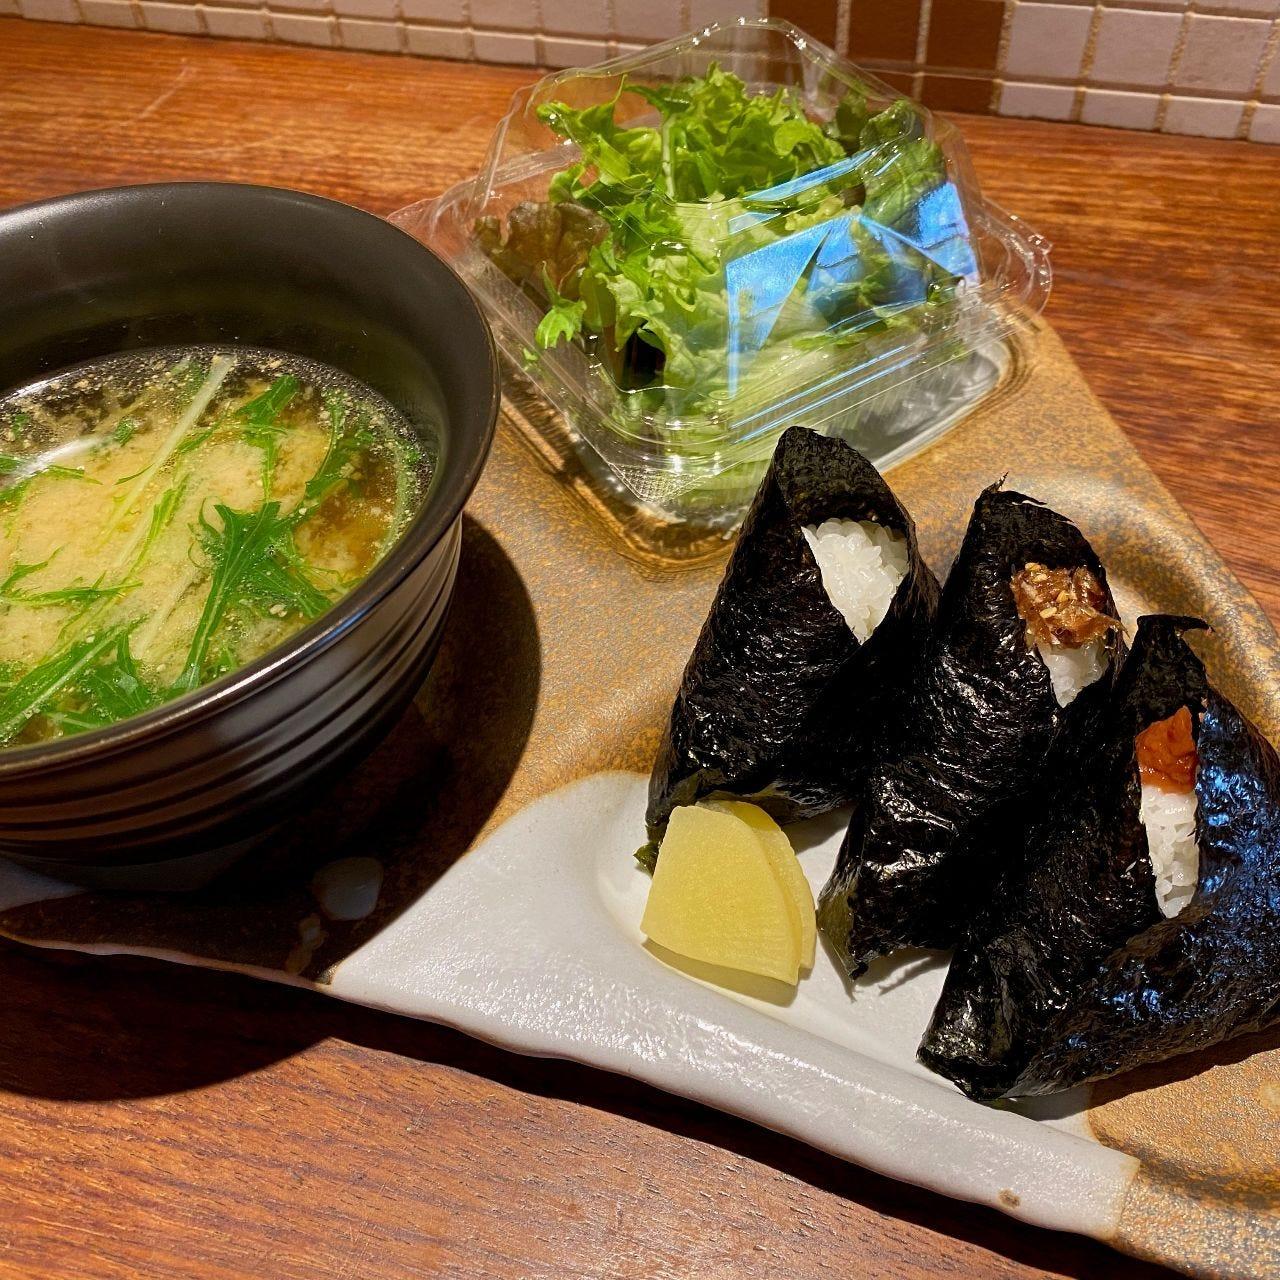 厳選したお米と海苔、贅沢な出汁を使った「おにぎり」が大好評!